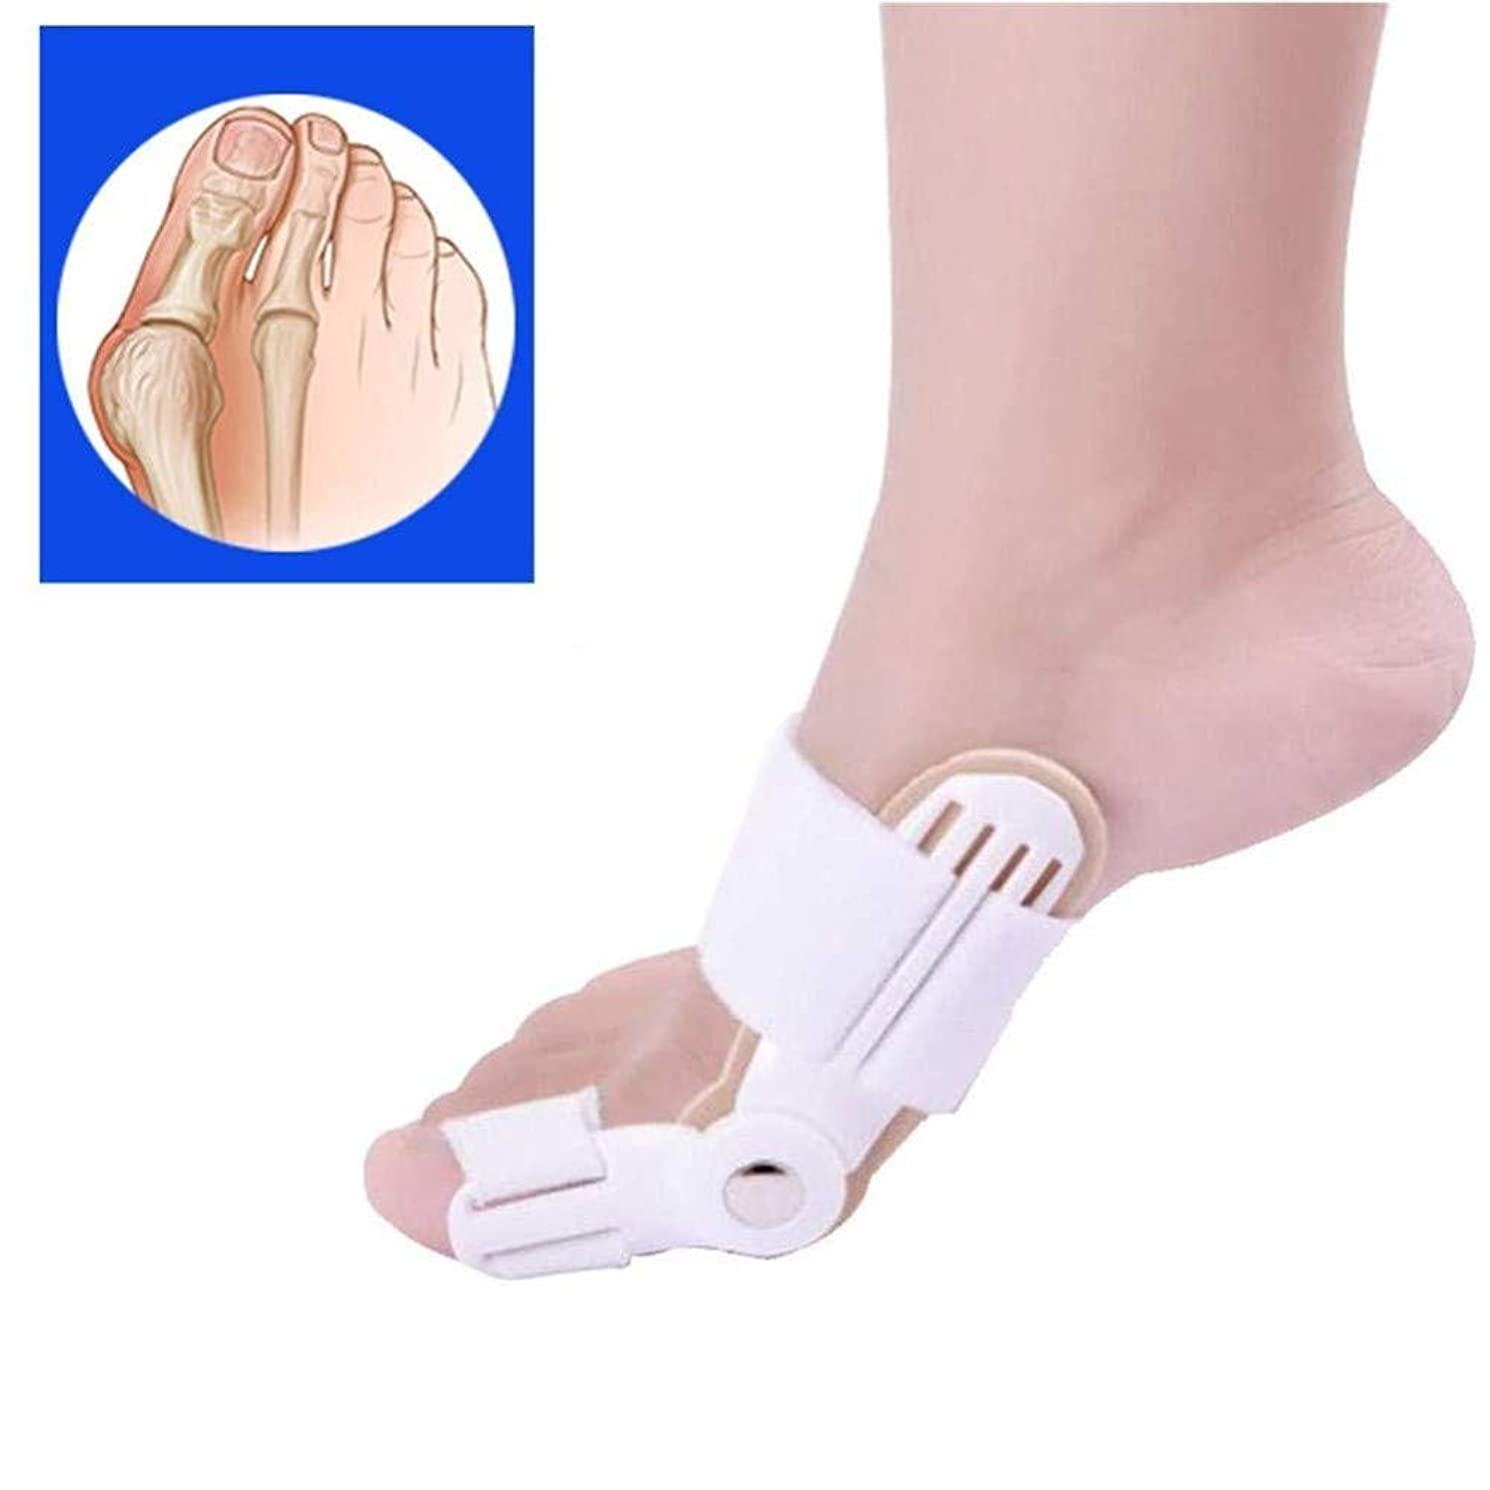 慢文芸バッテリーつま先の添え木、足の親指の矯正、外反母hallセパレーター、滑液包炎緩和プロテクター、つま先の関節スペーサー、矯正の痛み